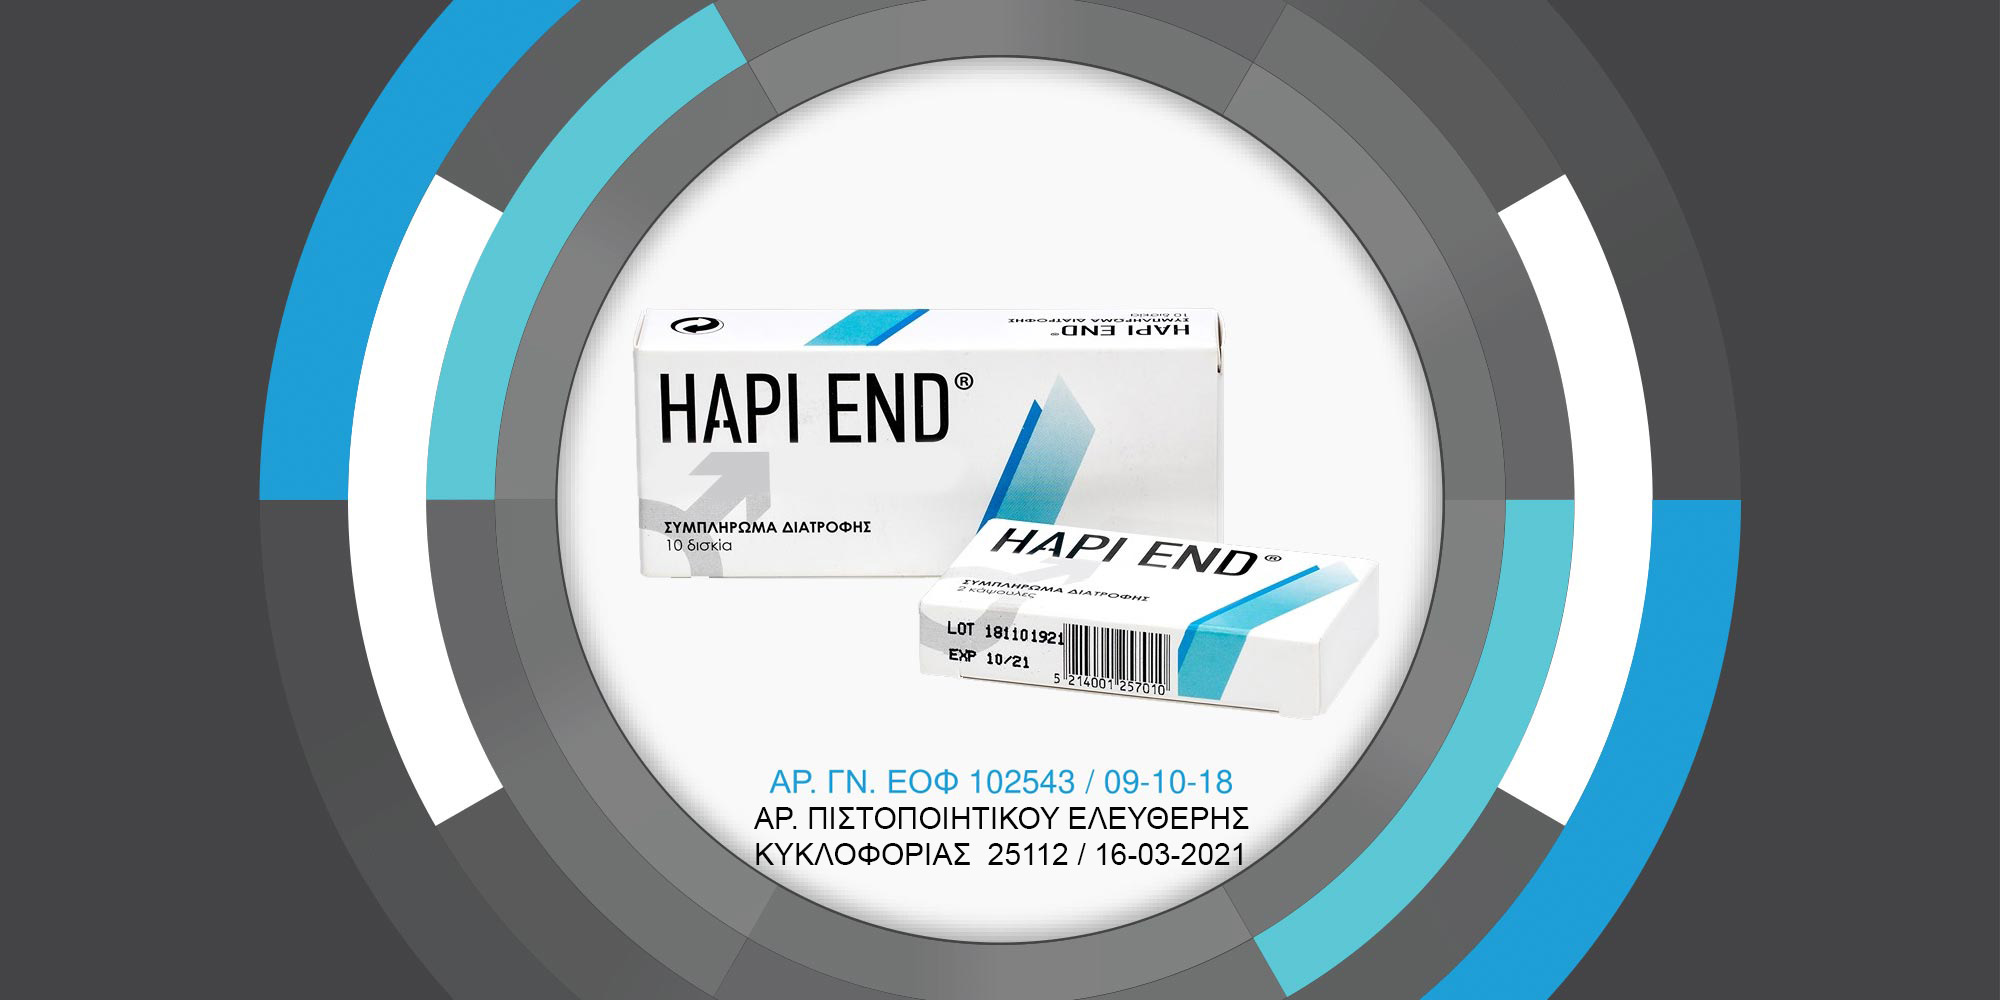 hapiend-header-1